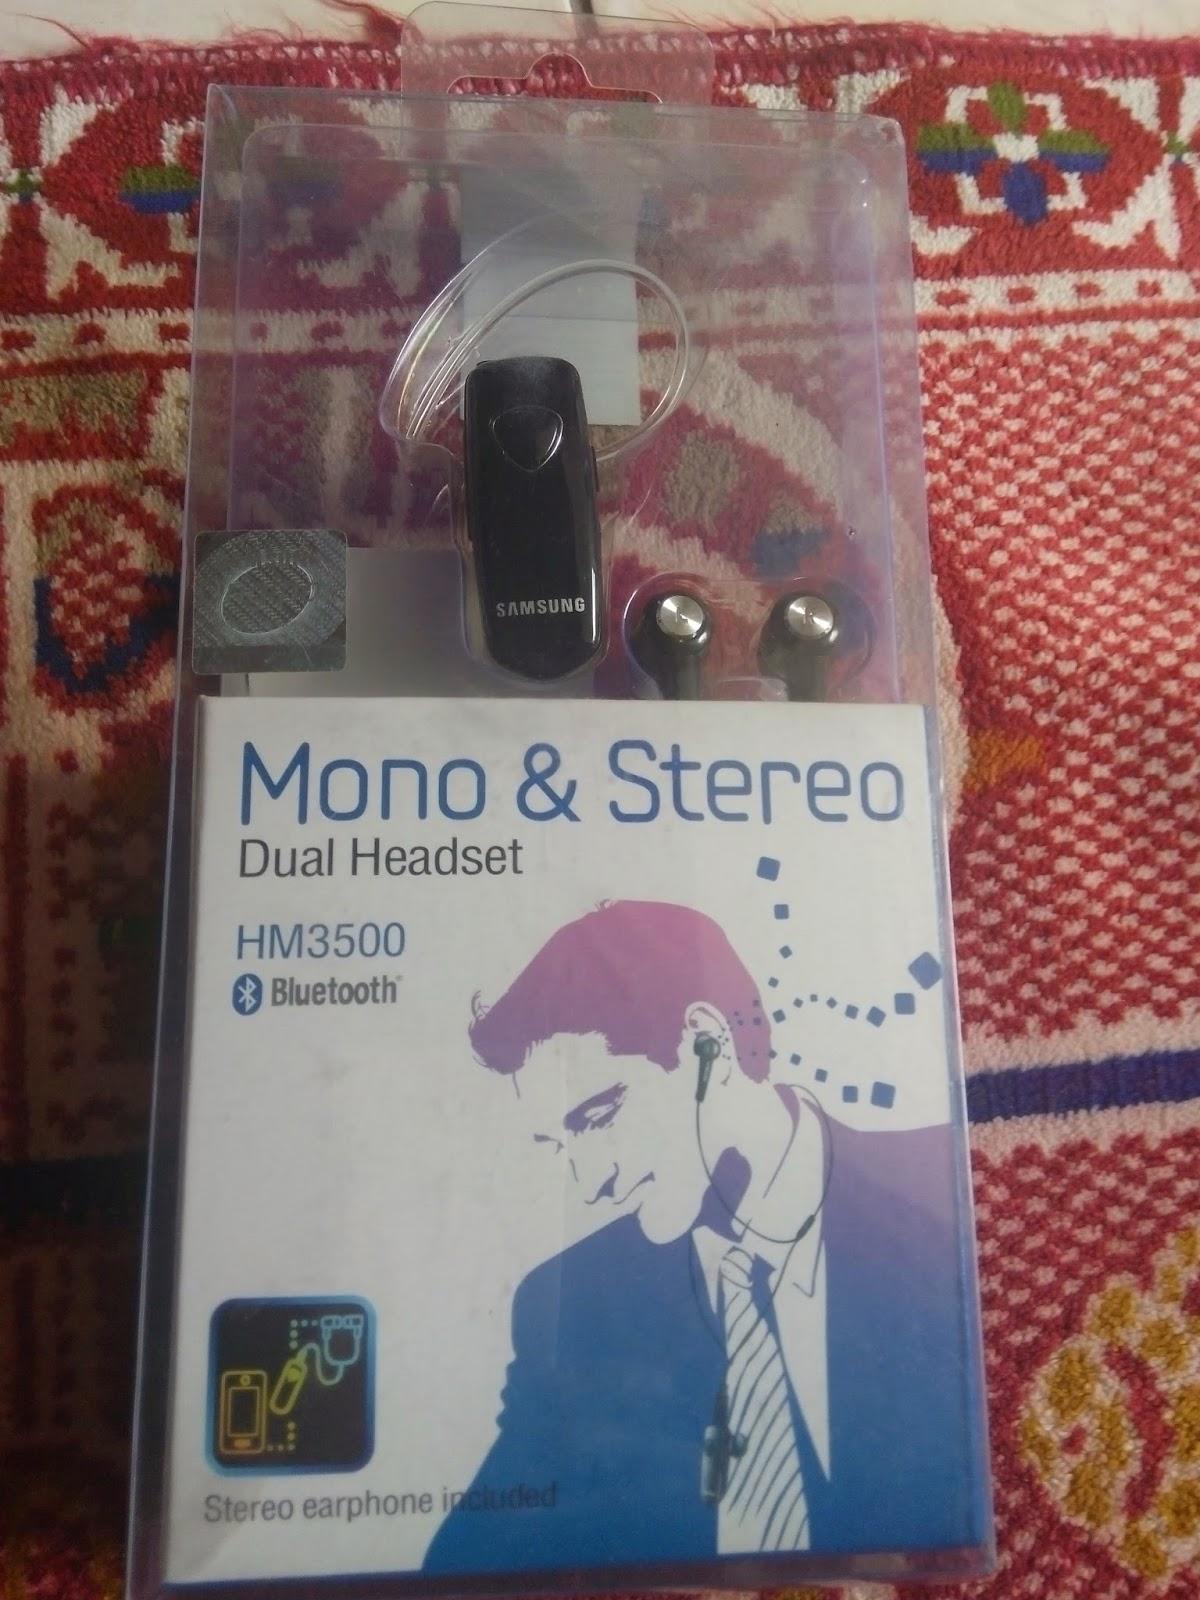 Soluna Olshop Headset Bluetooth Samsung Hm 3500 Dual Headse Dapat Digunakan Di Semua Tipe Merk Handphone Yang Memiliki Fitur Bisa Untuk Telepon Dan Musik